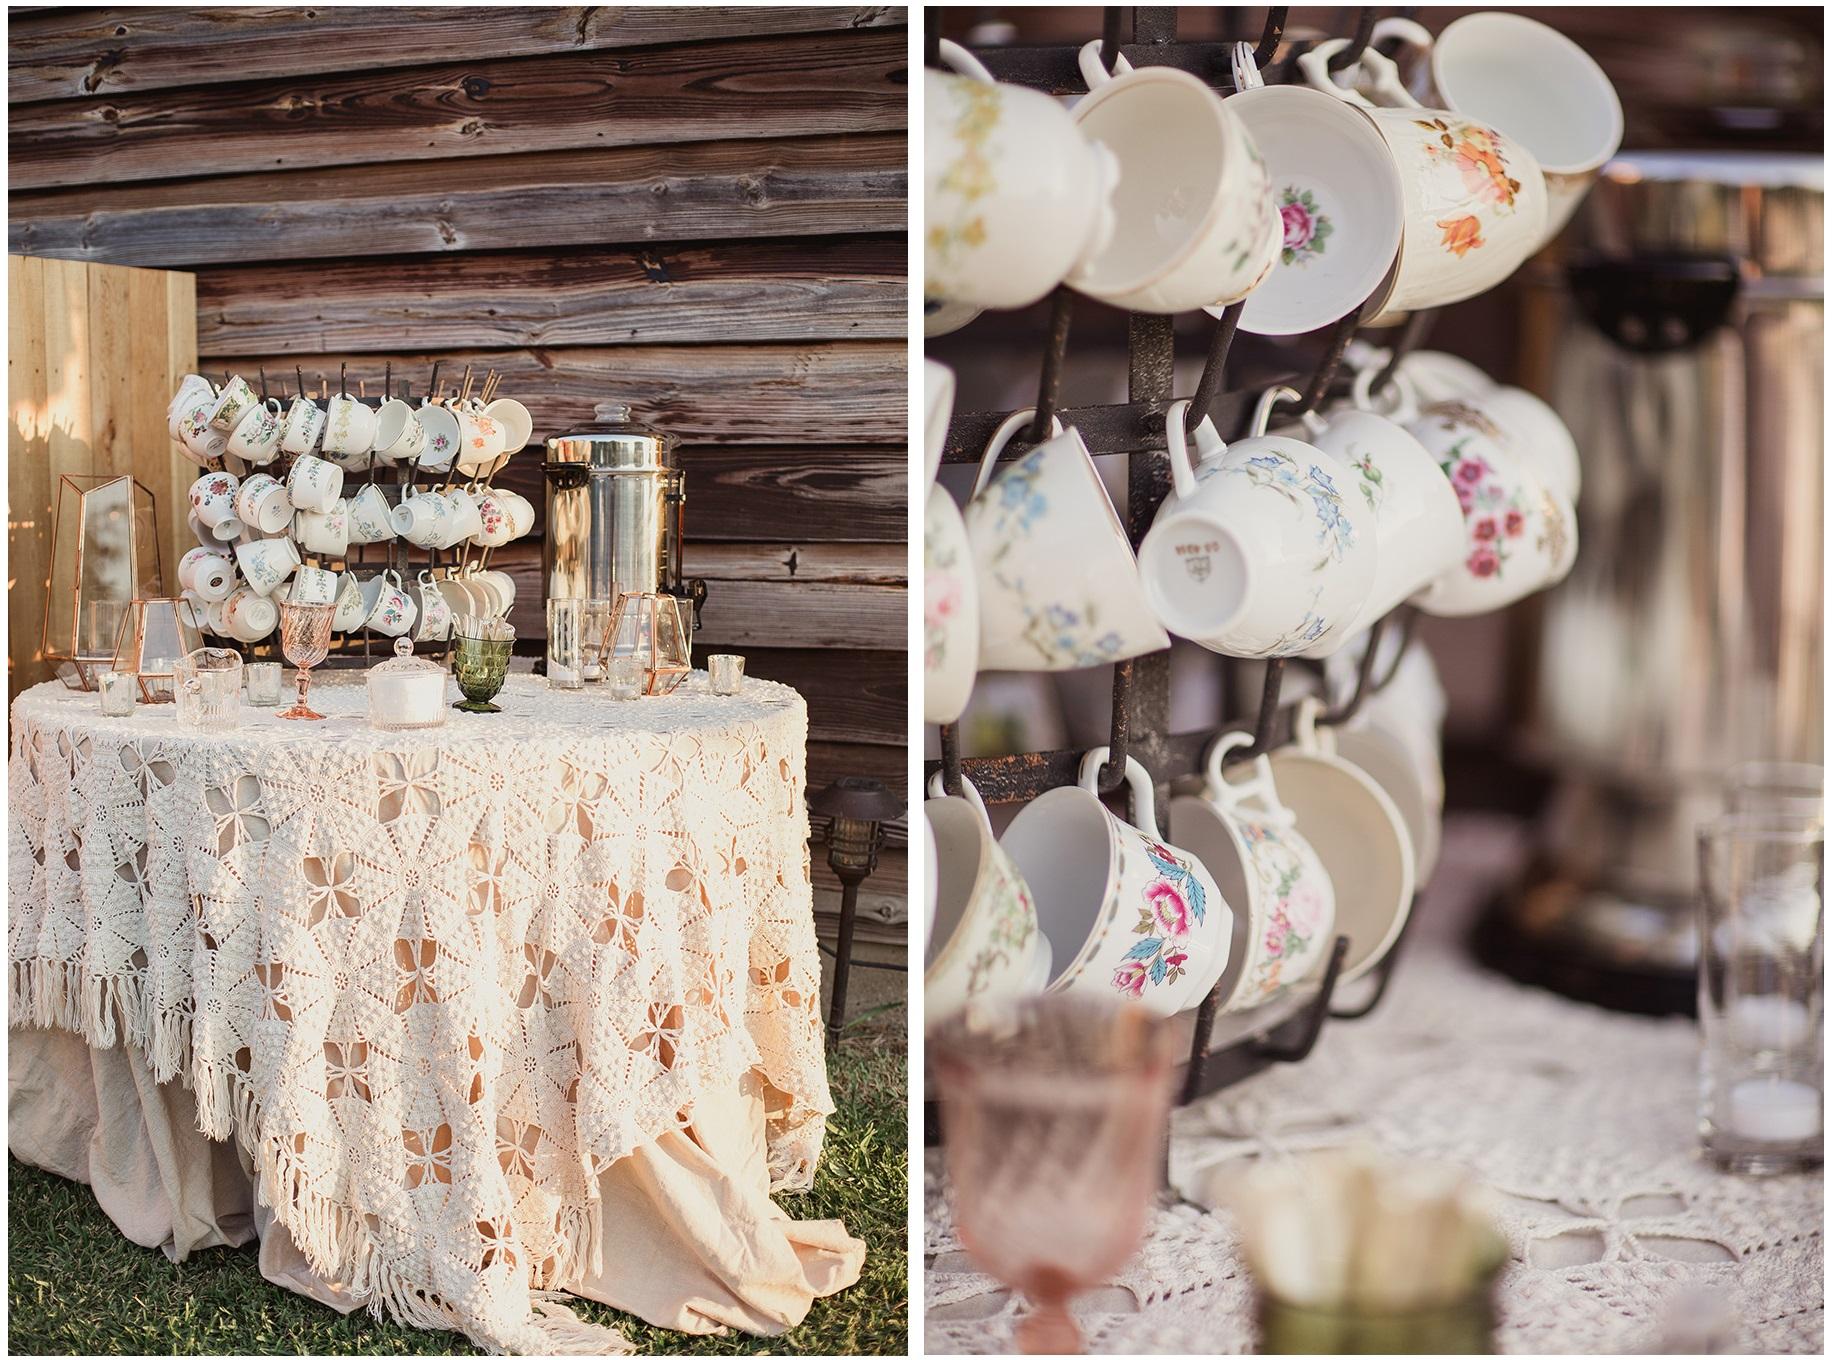 Romantico e un po' Boho chic questo tavolo per la degustazione di Tea e Caffè - snippetandink.com